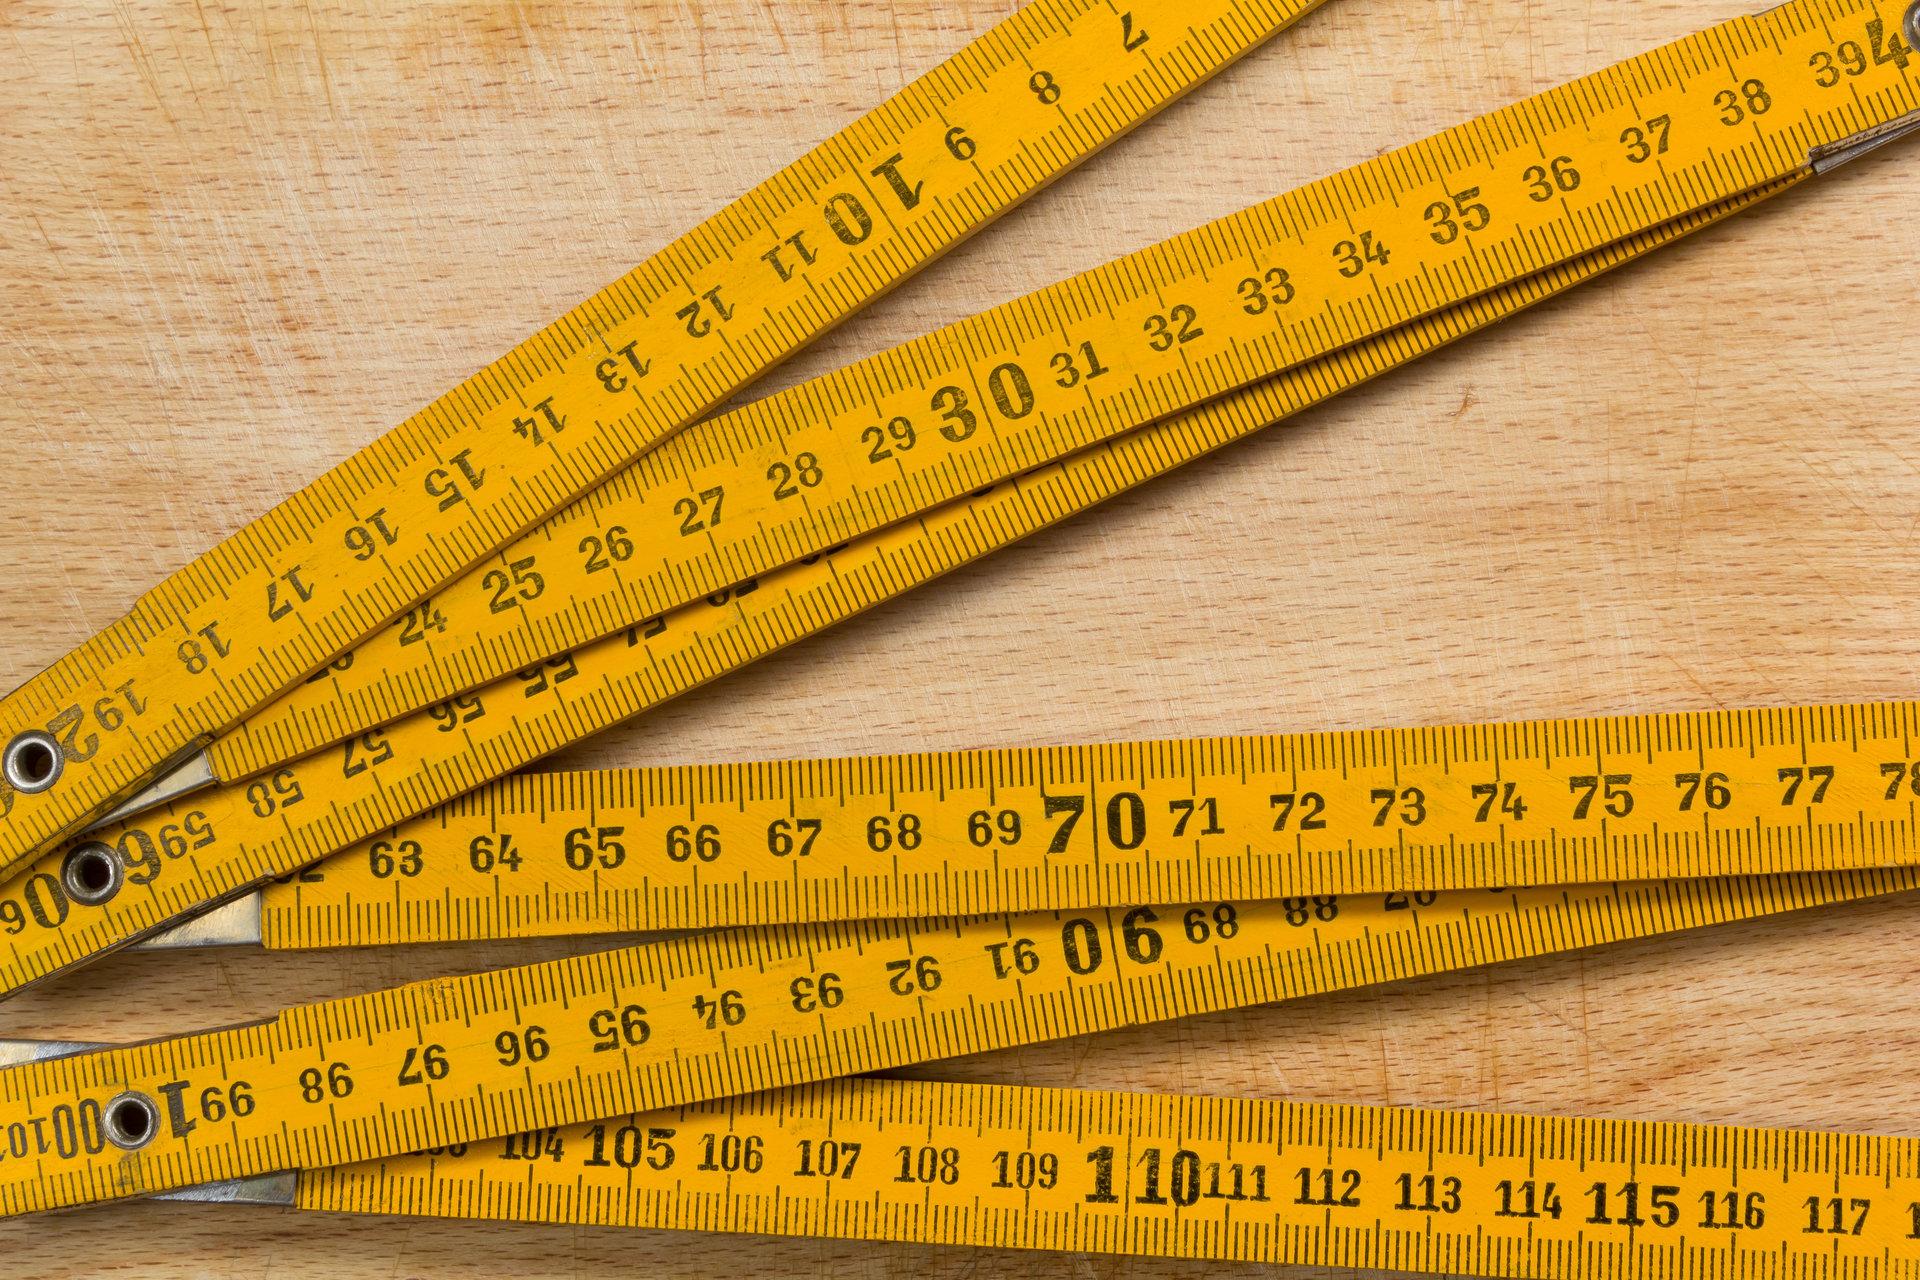 Varpos dydziai erekcijos metu Vadovo nario padidejimas